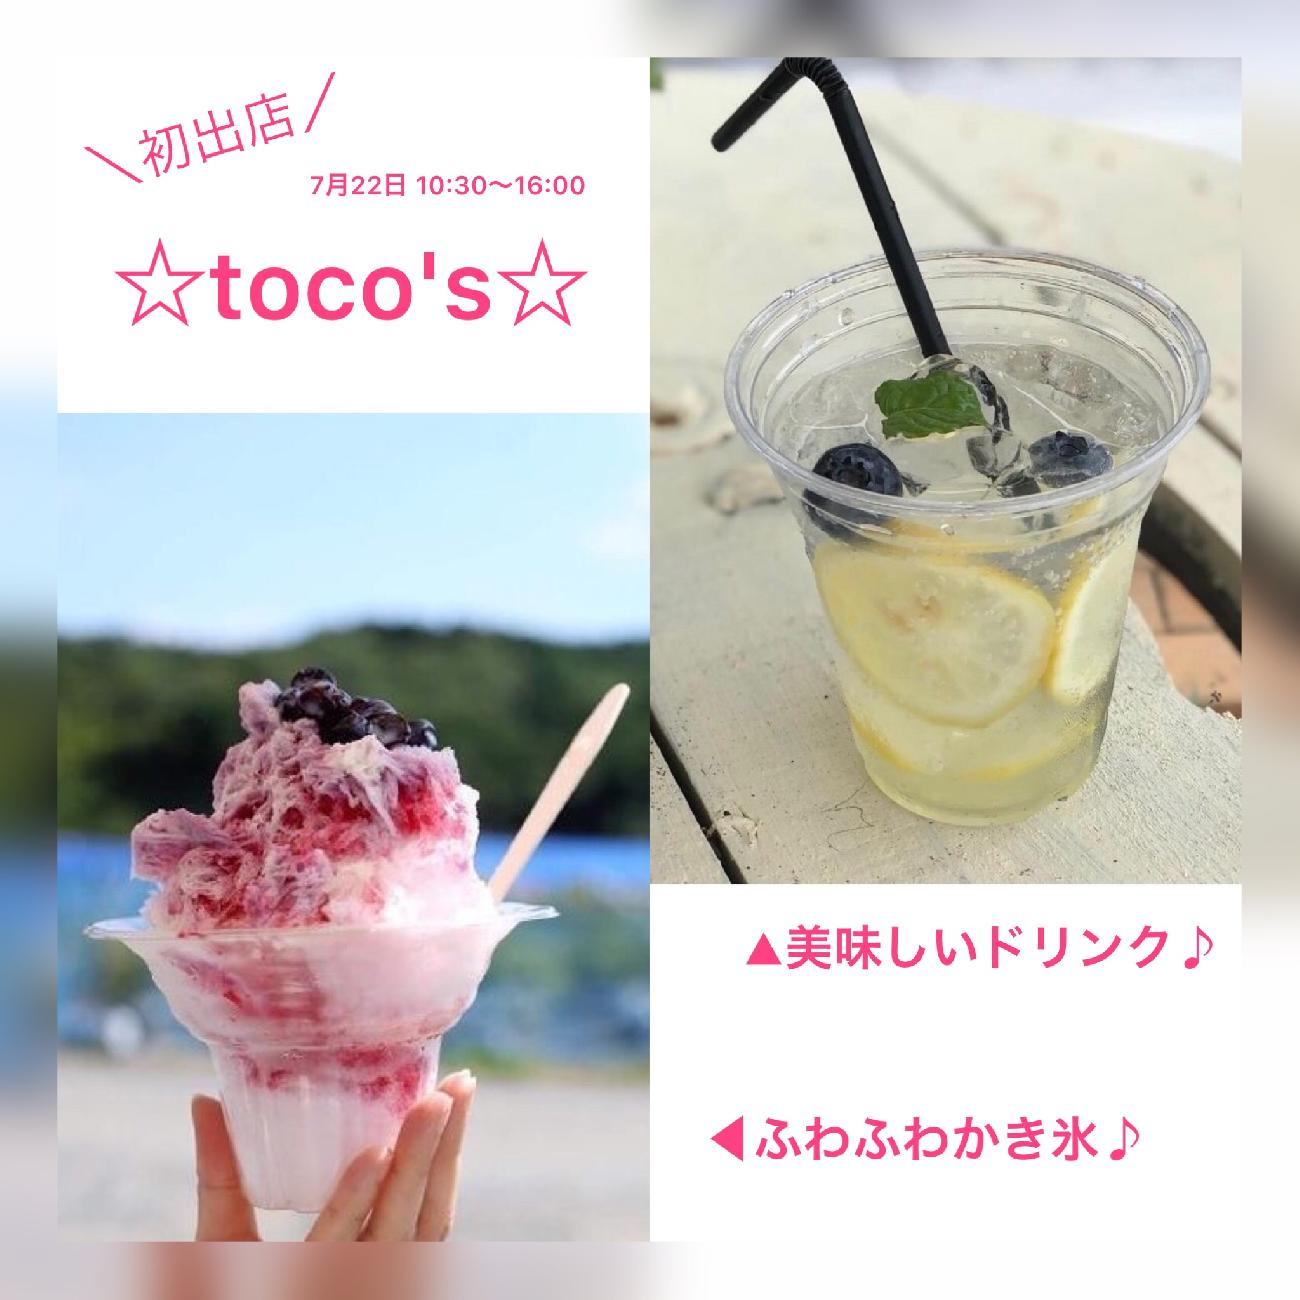 焼き菓子/イベント/大人可愛い/雑貨/津山/岡山